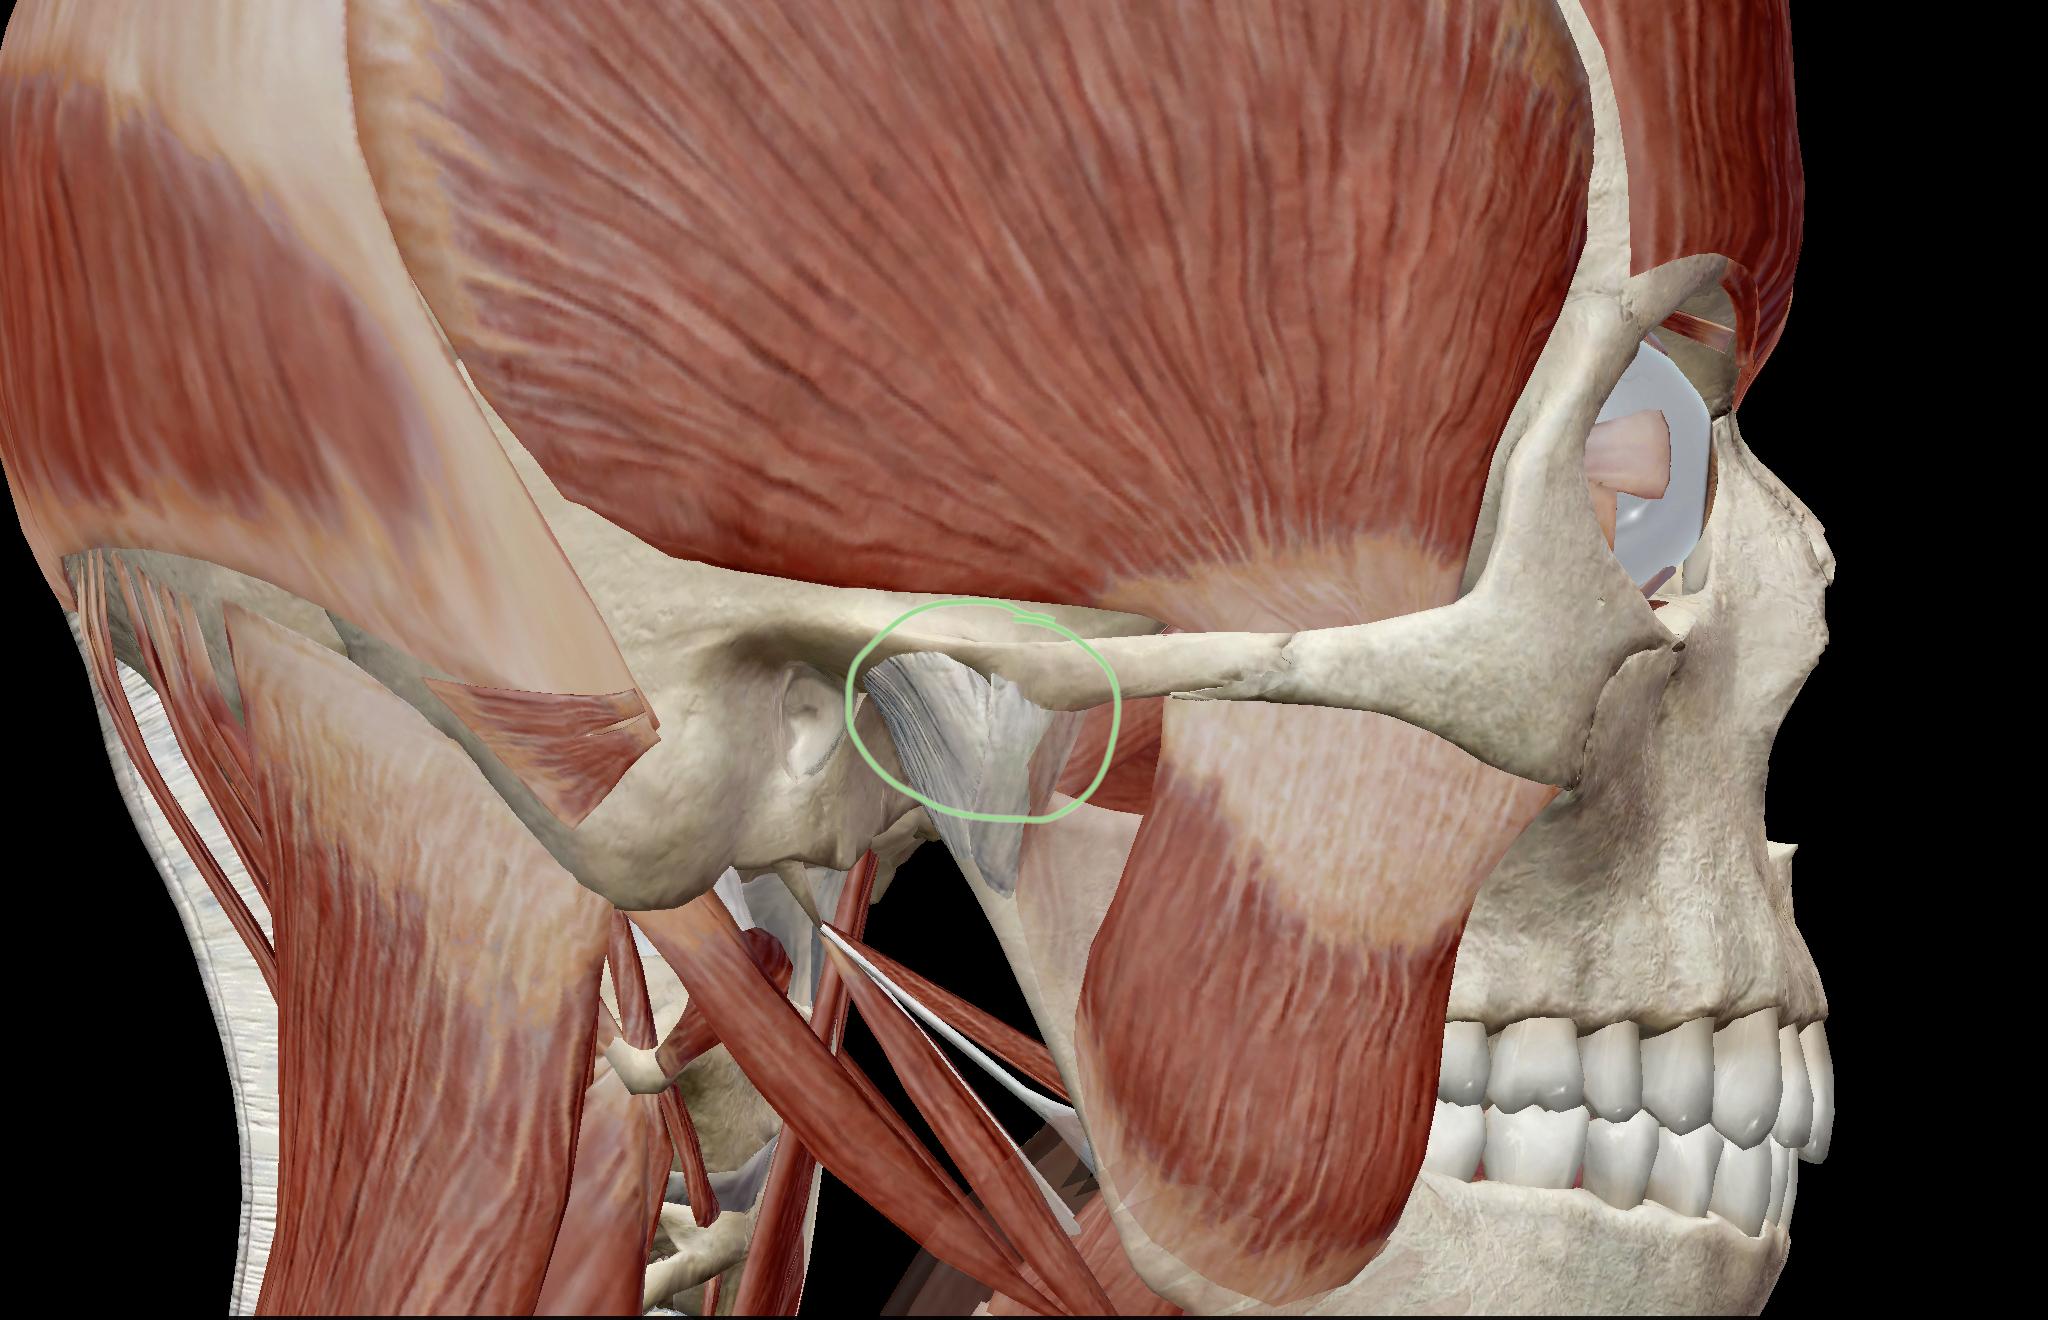 The temporomandibular joint, circled